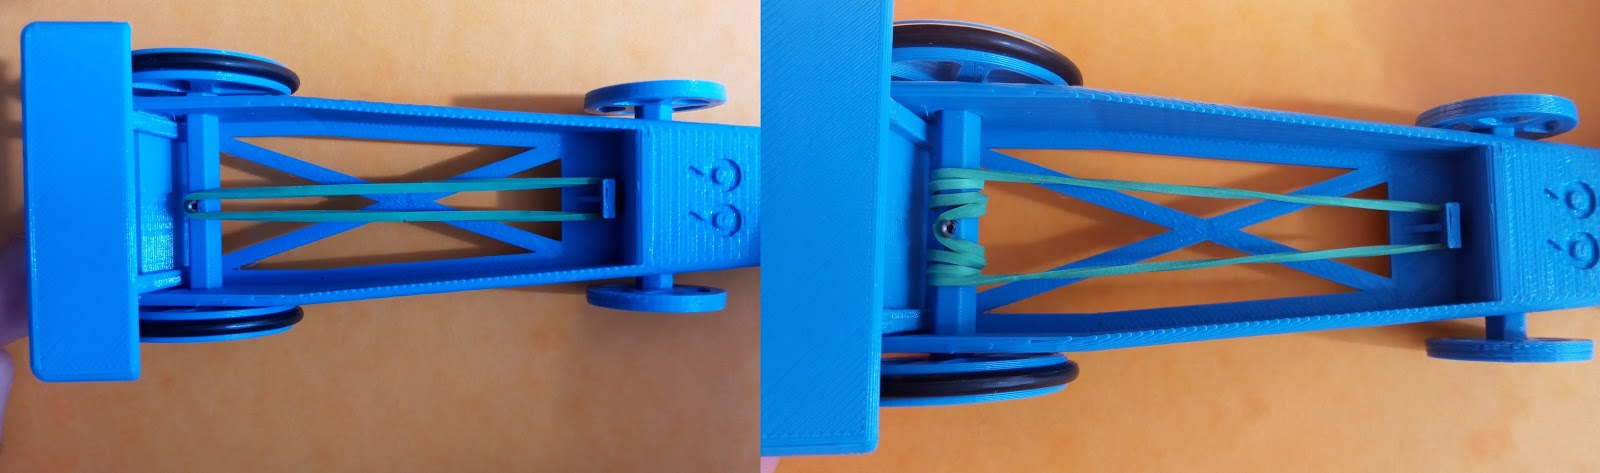 Juguete Coche De El Goma Car 3dRubber Impulsado Una Brico Por F1JTl3Kc